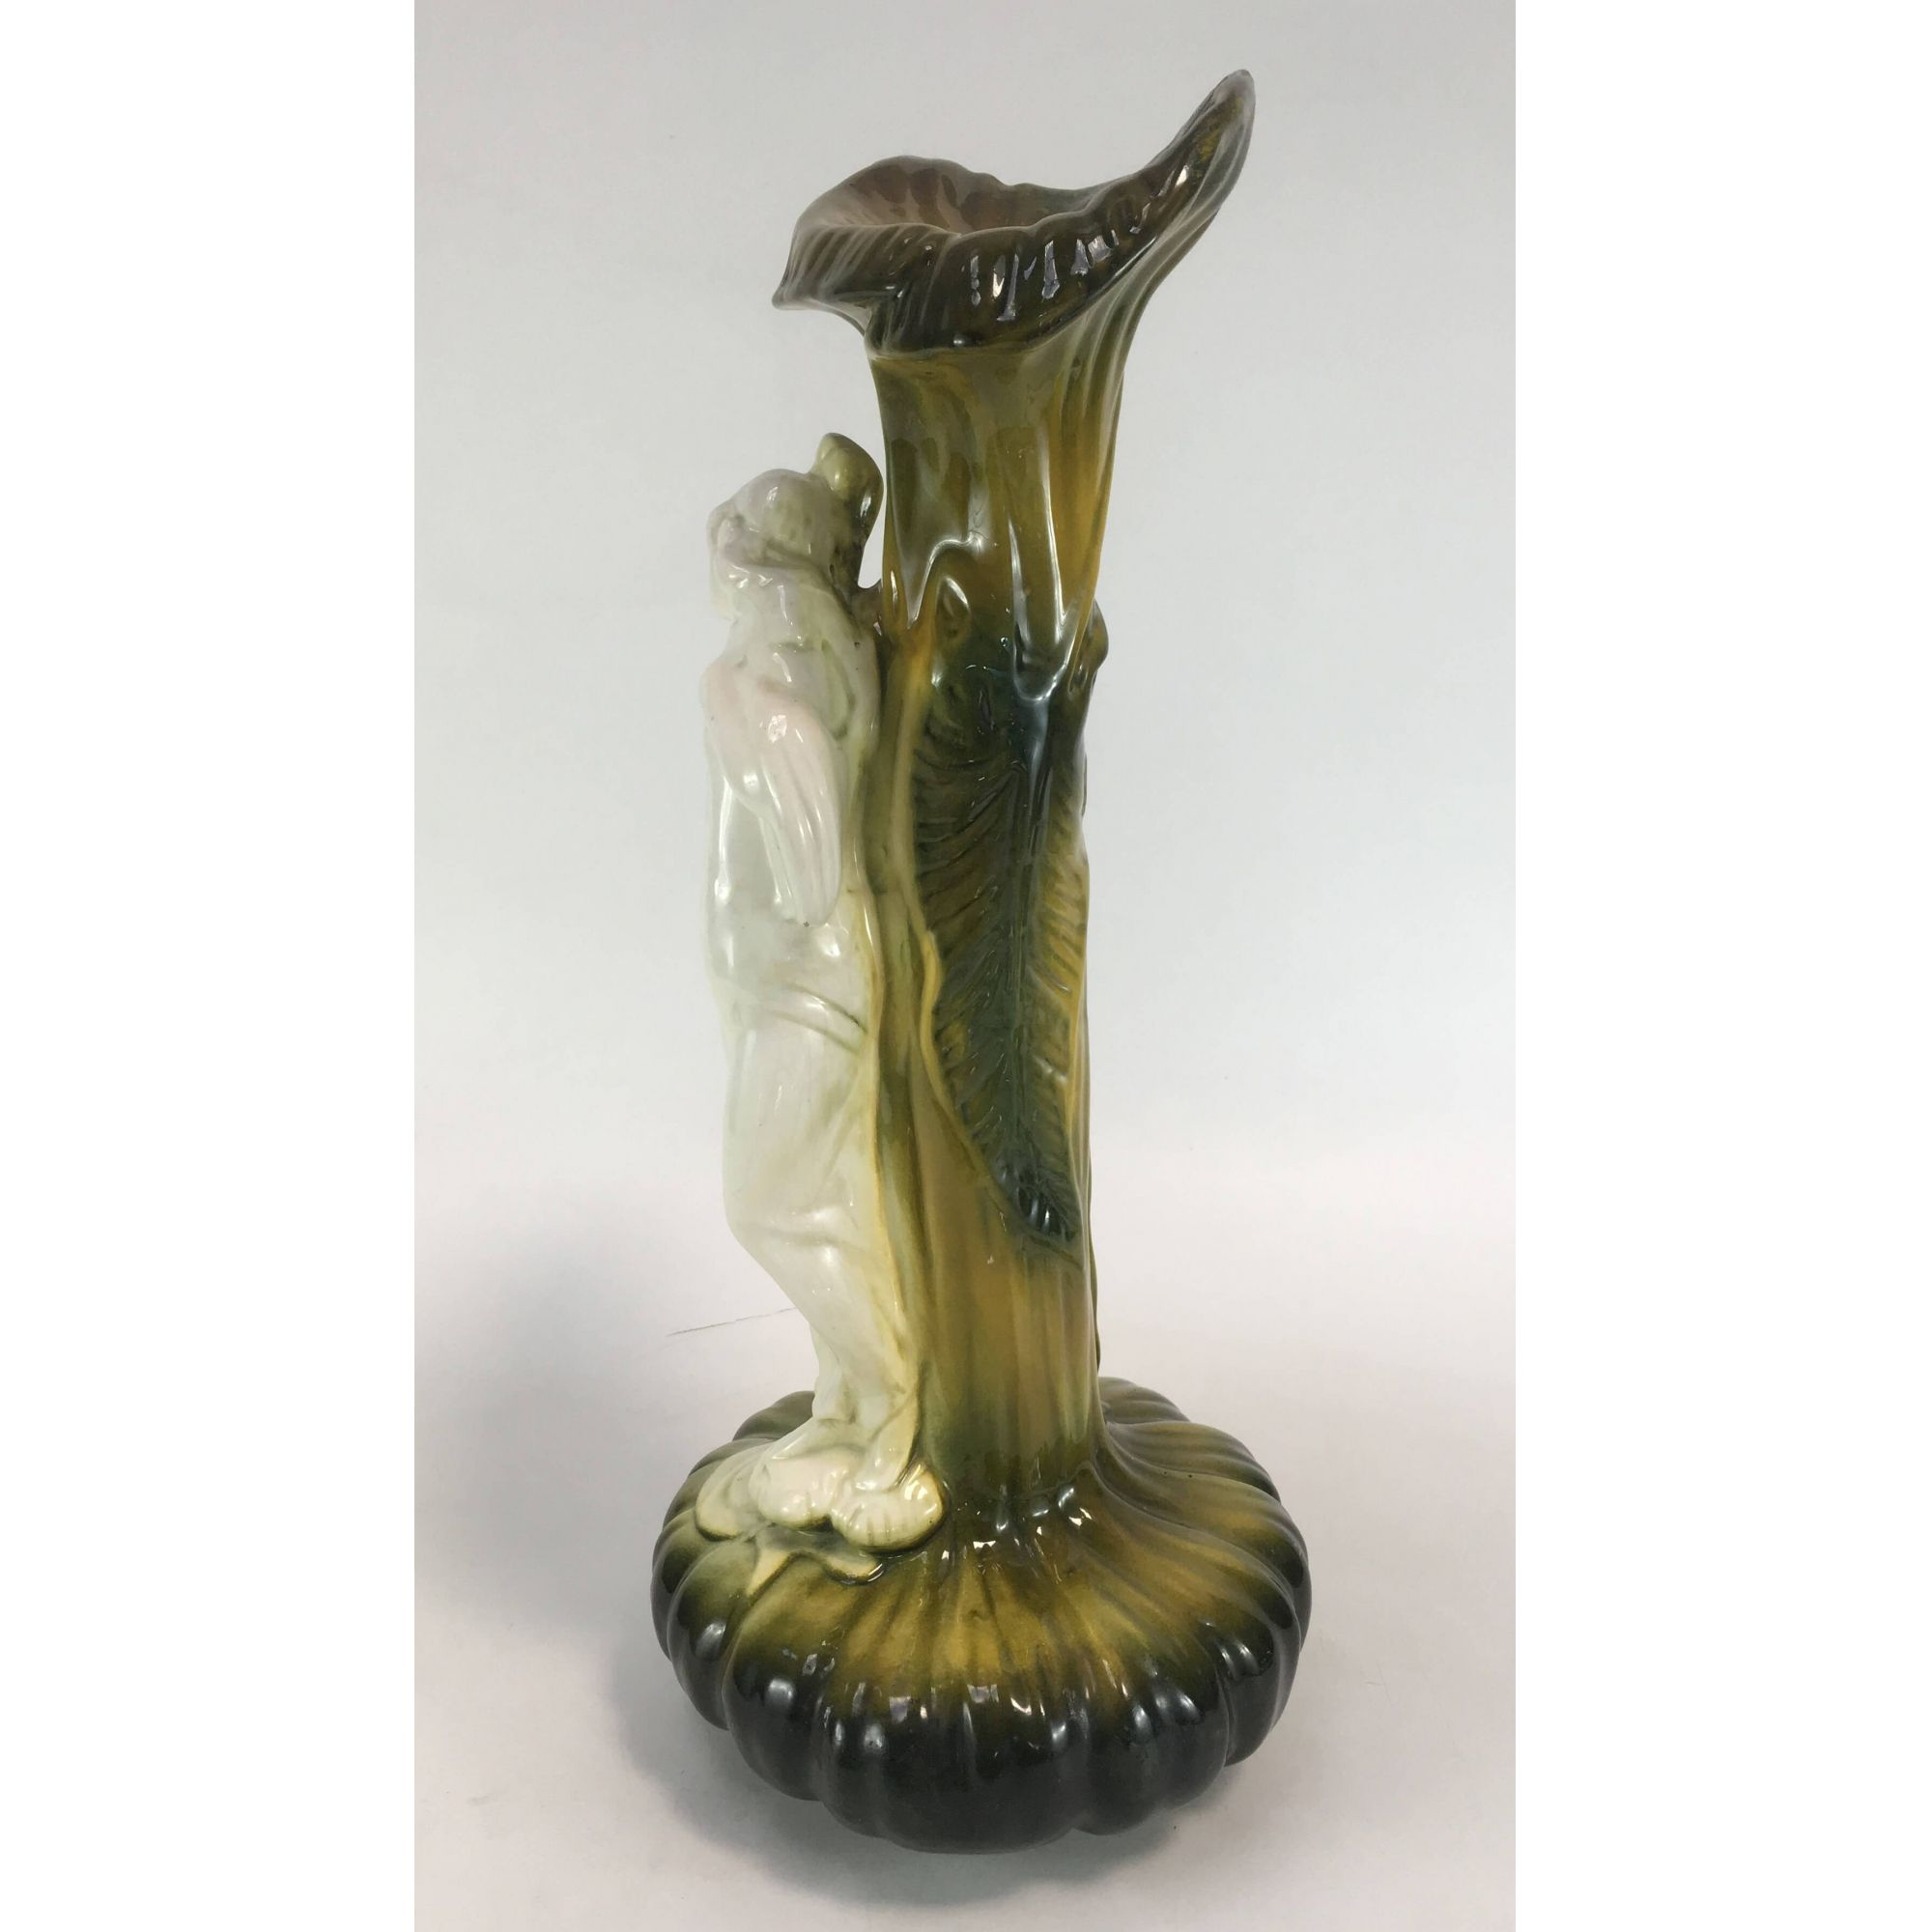 Antigo Vaso Escultura Ceramica Art Noveau